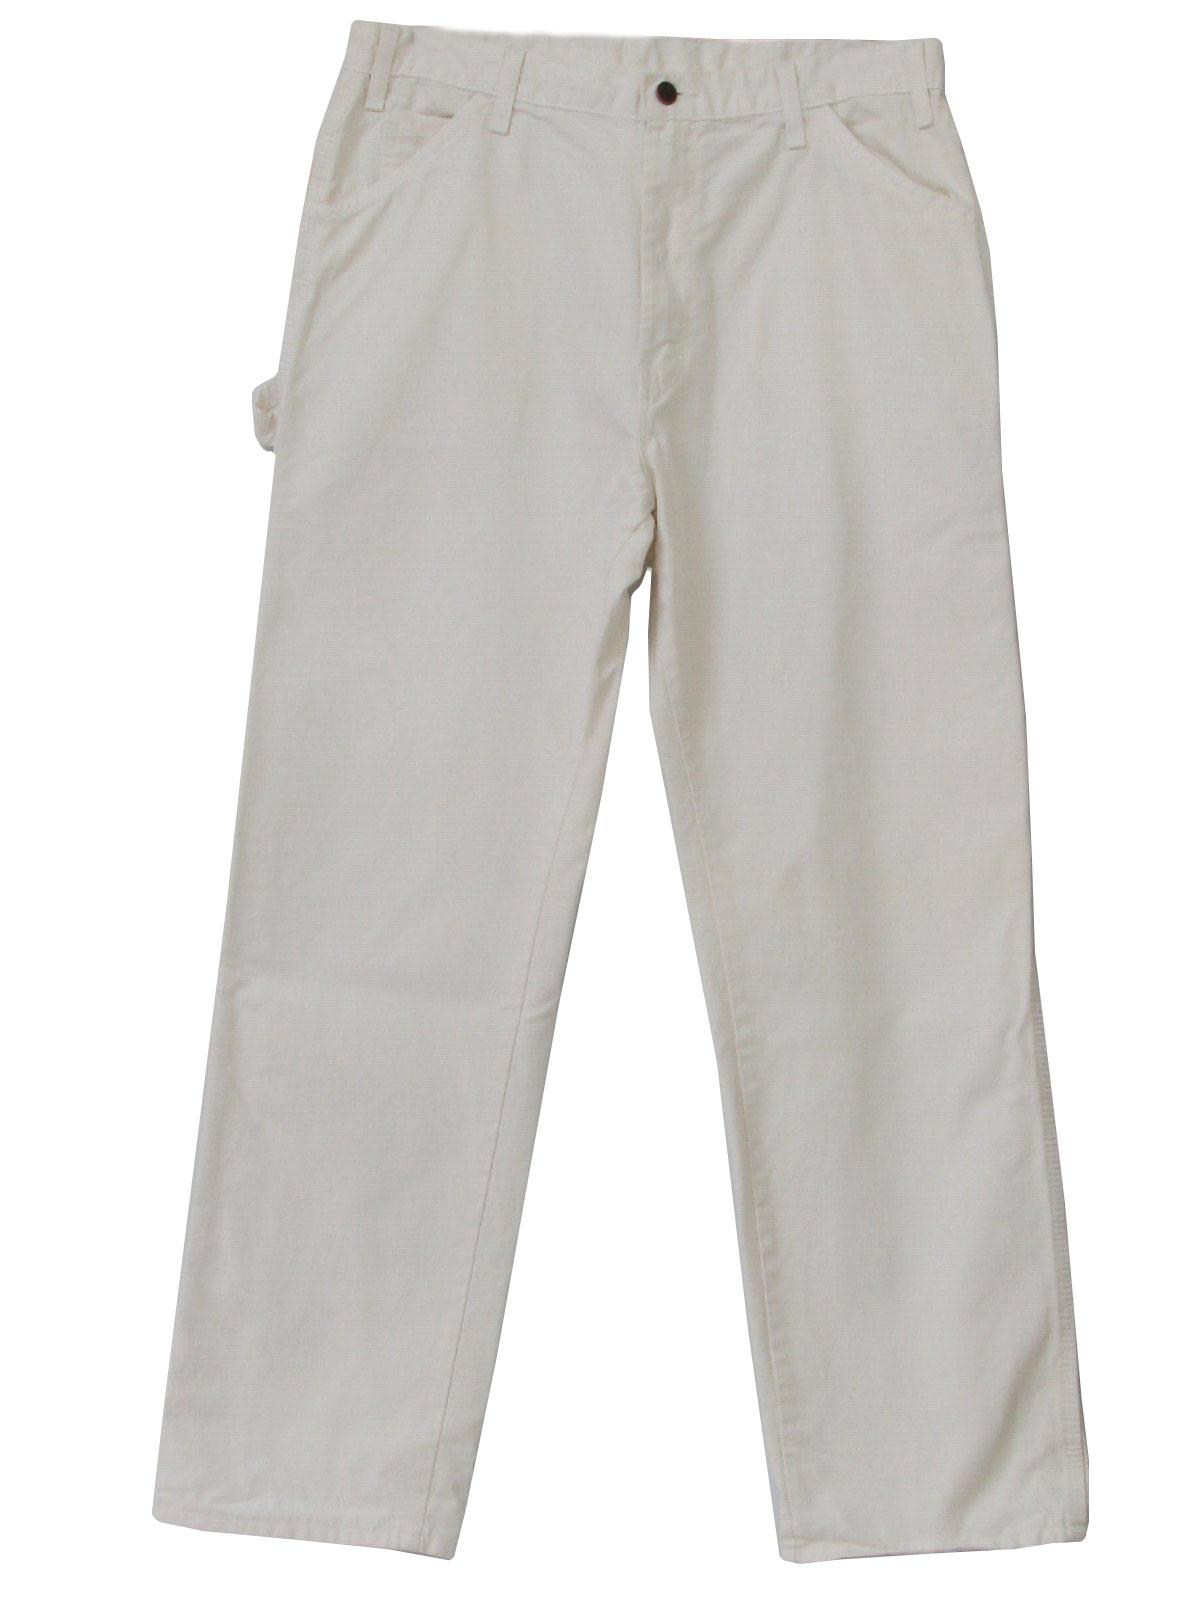 Painters Pants Vintage Cotton Painter Pants With